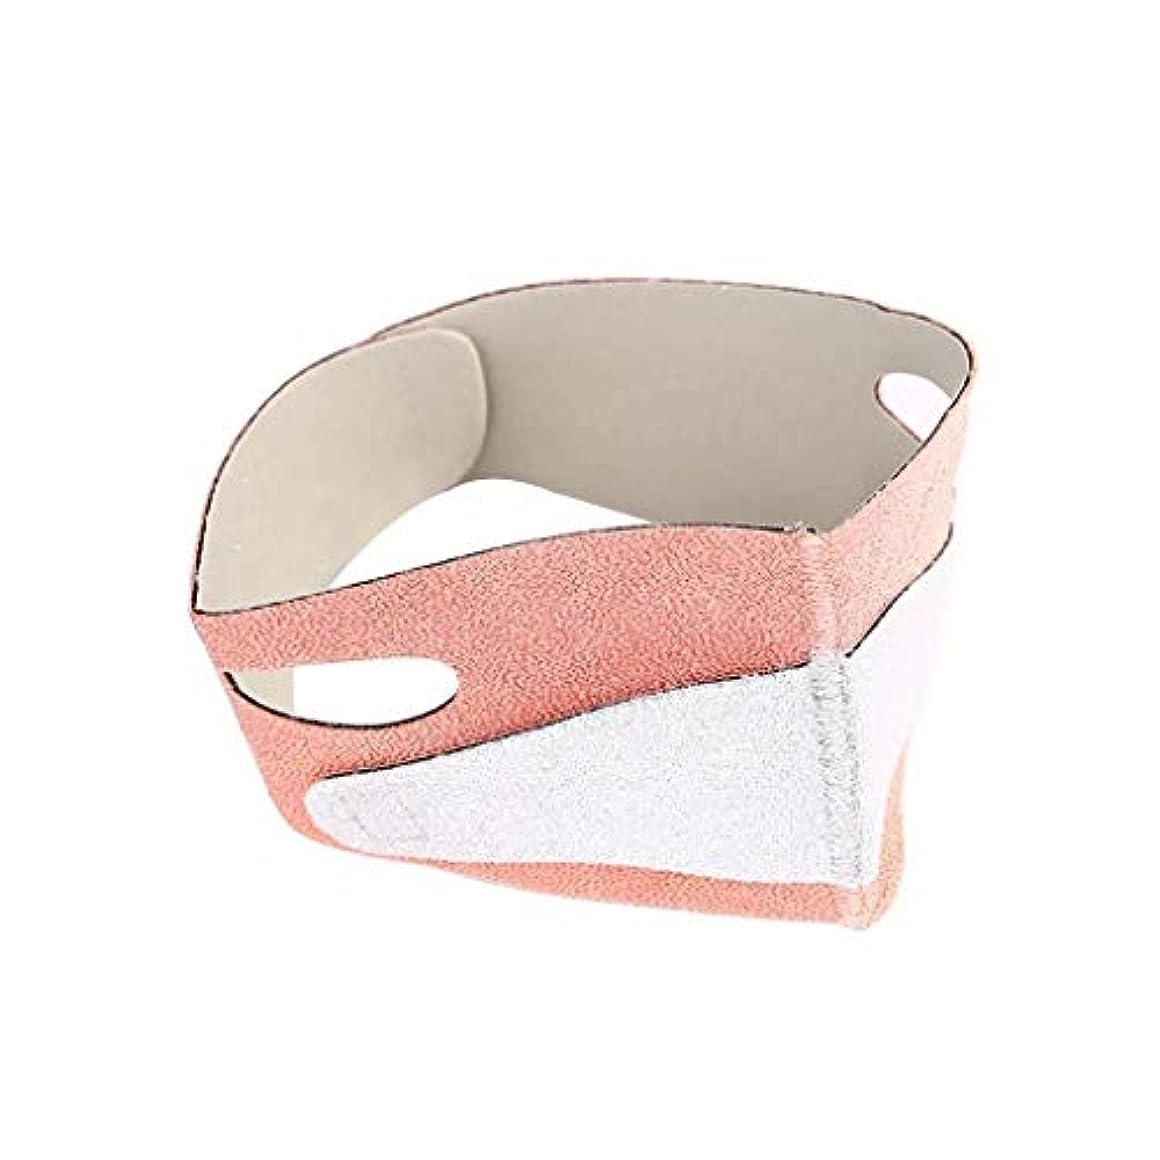 解き明かす定刻空いている引き締めフェイスマスク、薄いフェイスバンド新しい引き締めダブルチンフェイスリフティングアーティファクトV Fac電子包帯